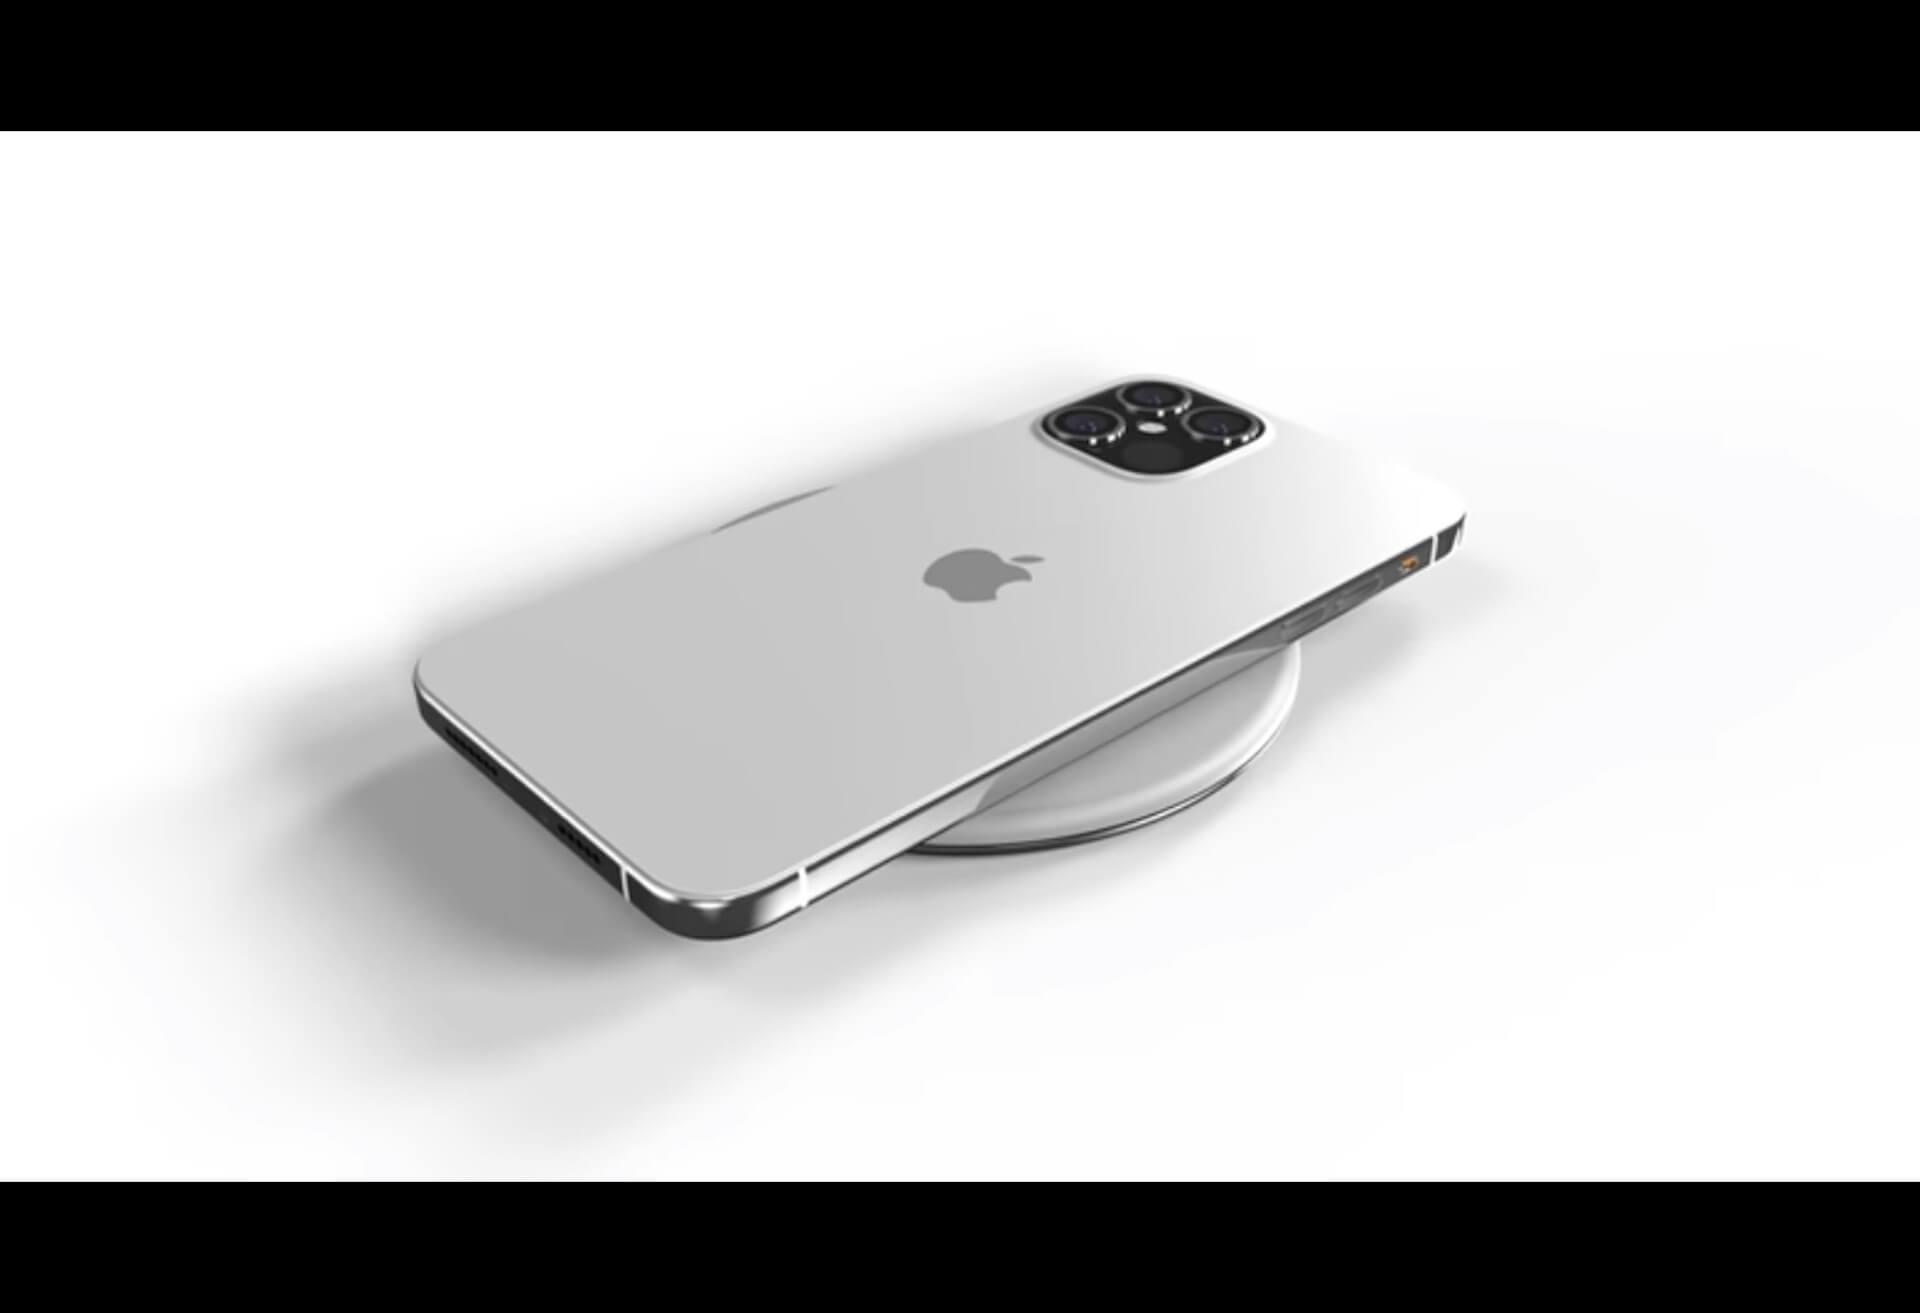 2021年登場のiPhoneは完全ポートレス化が濃厚に?USB-Cは導入されないままの可能性 tech200515_iphone_main